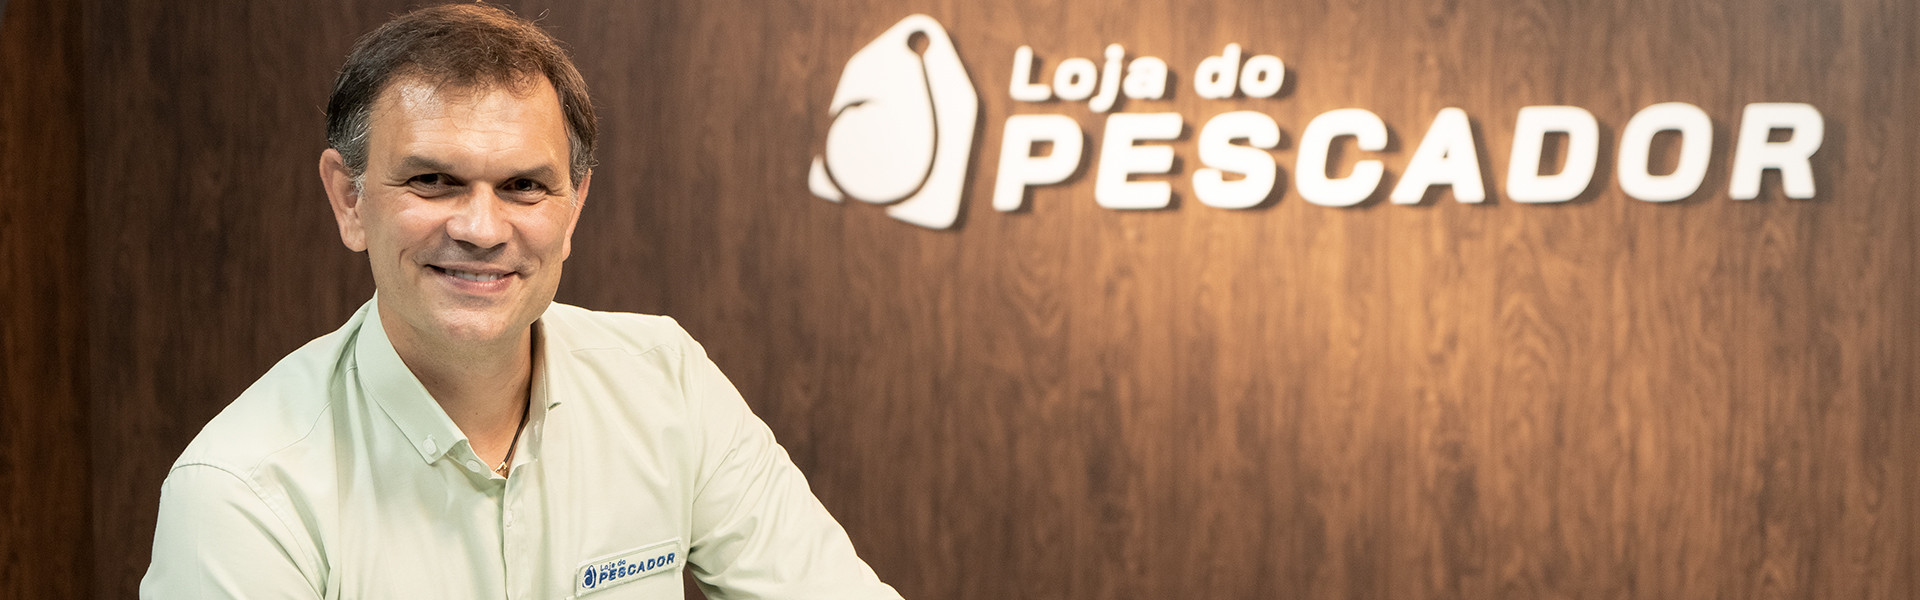 Eduardo Lacerda, Loja do Pescador